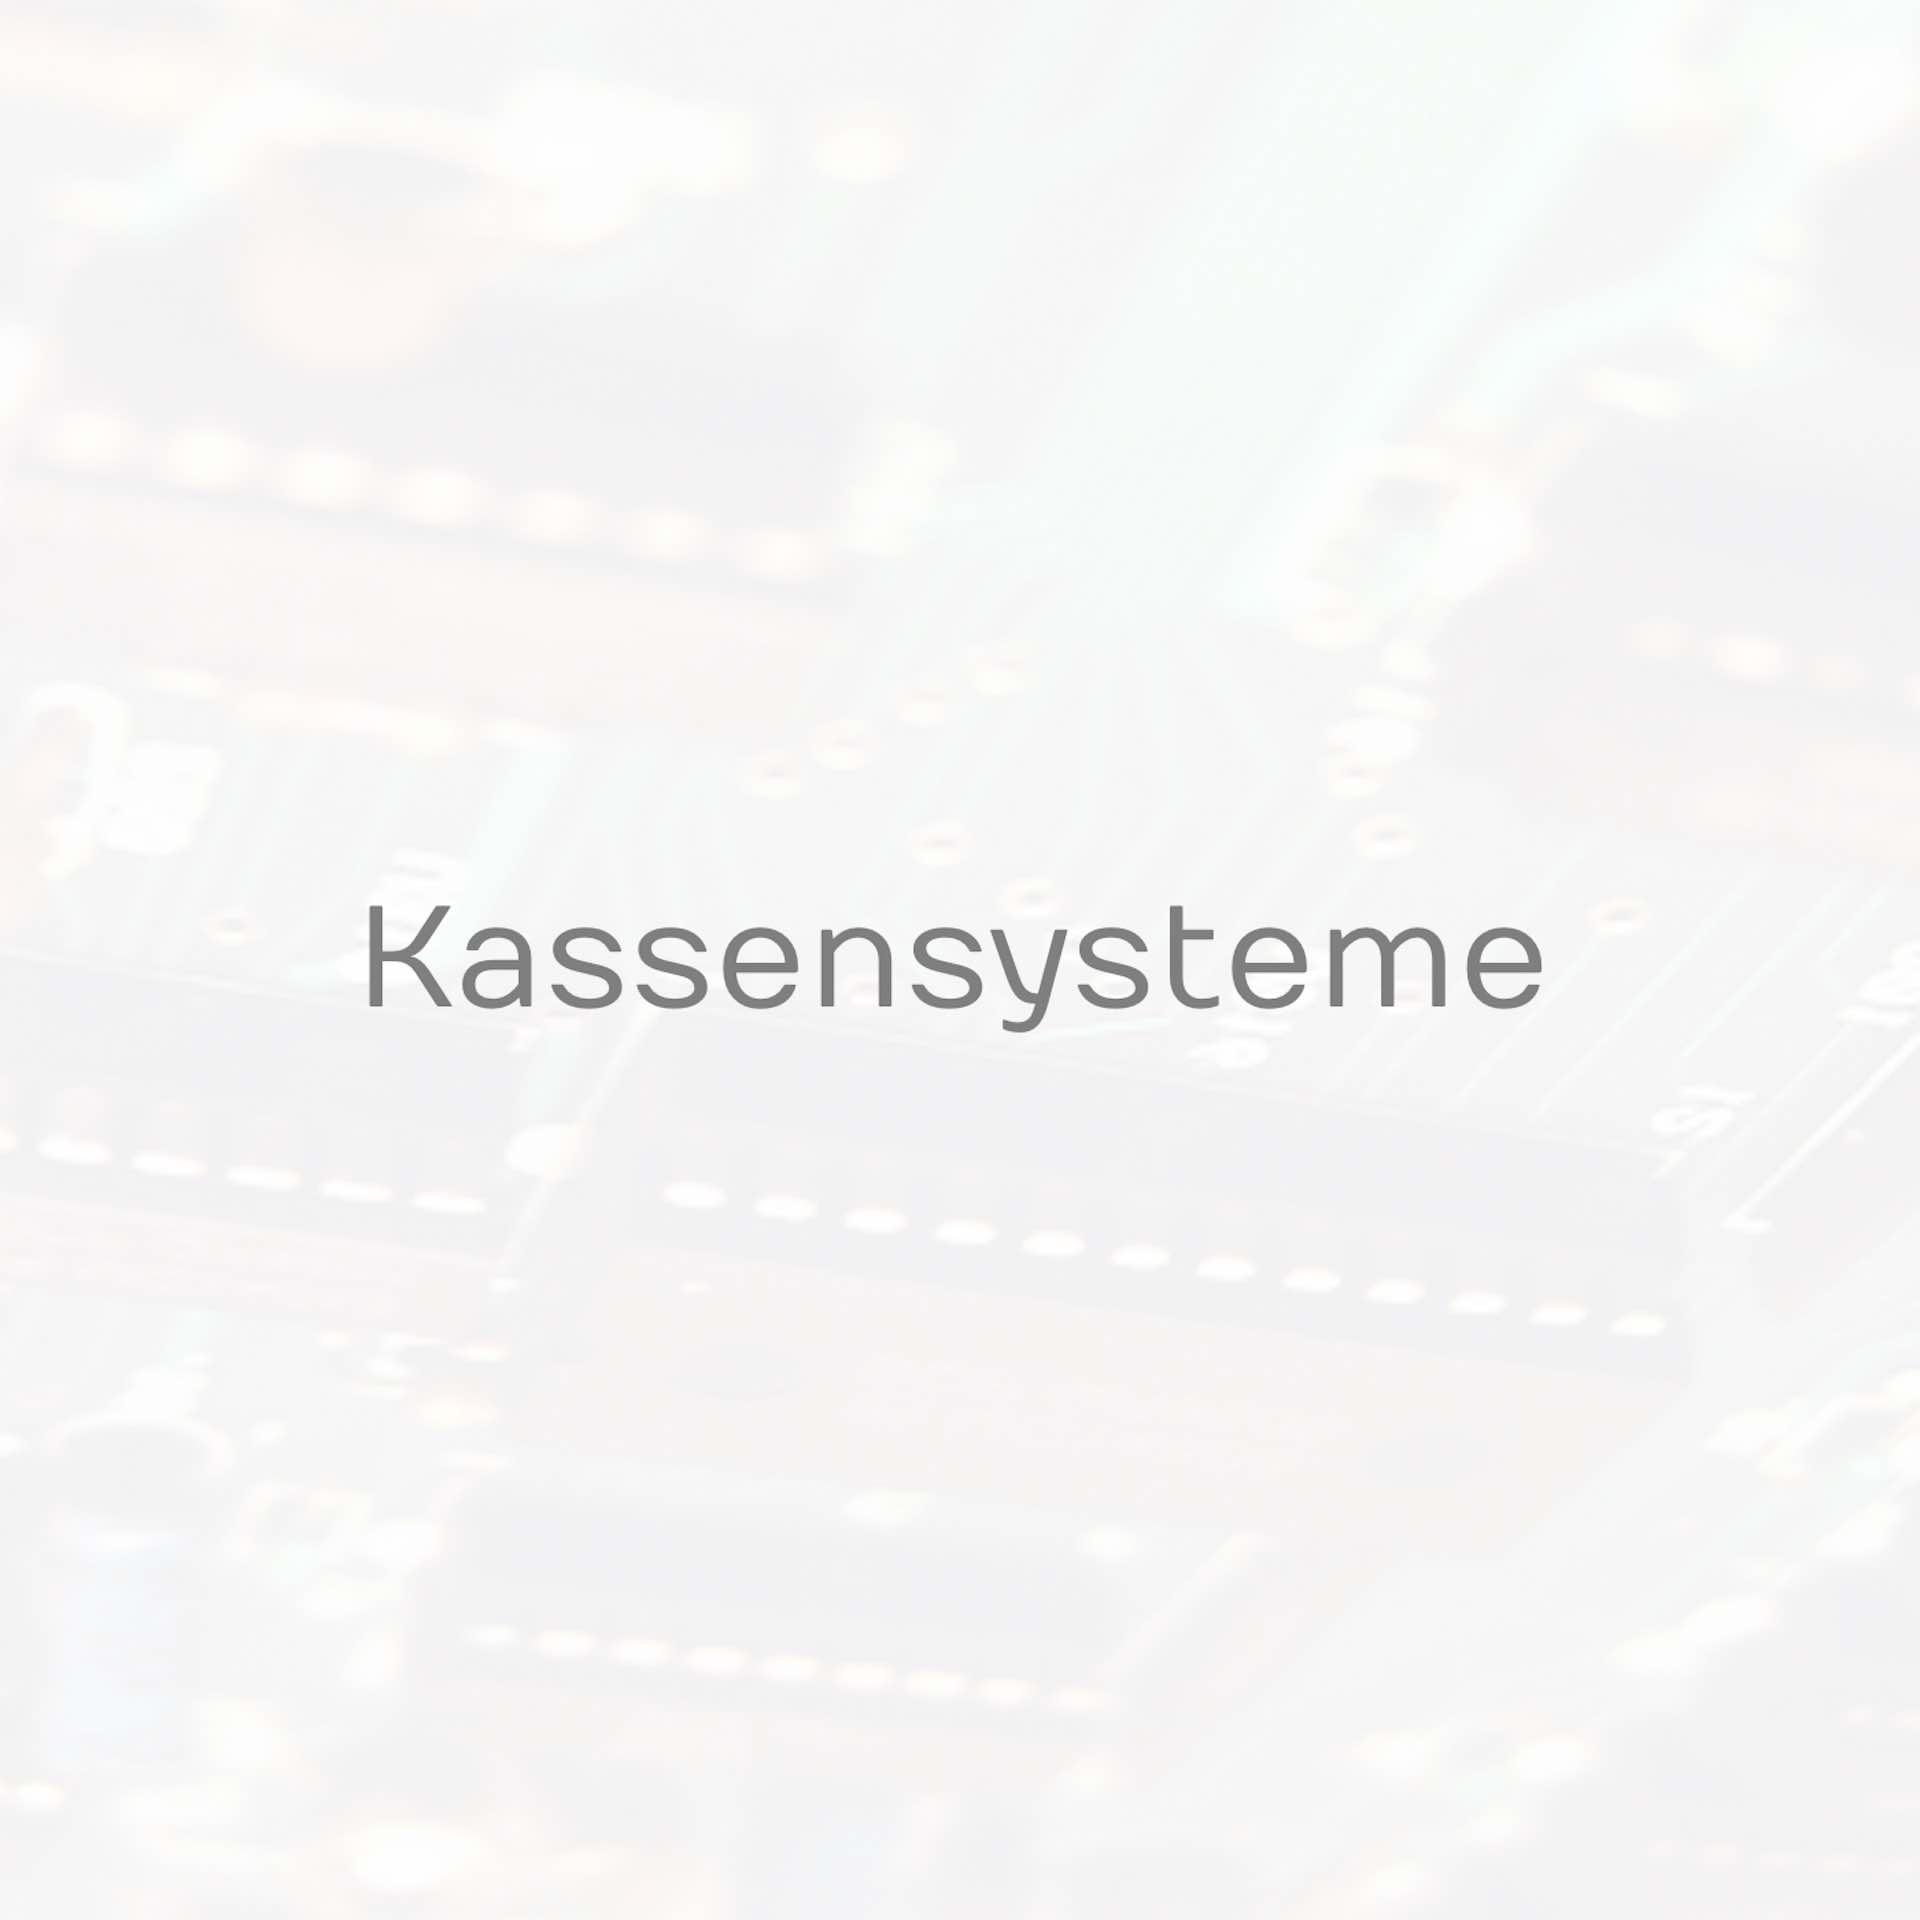 André_Heyer_Dienstleistungen_Kassensysteme